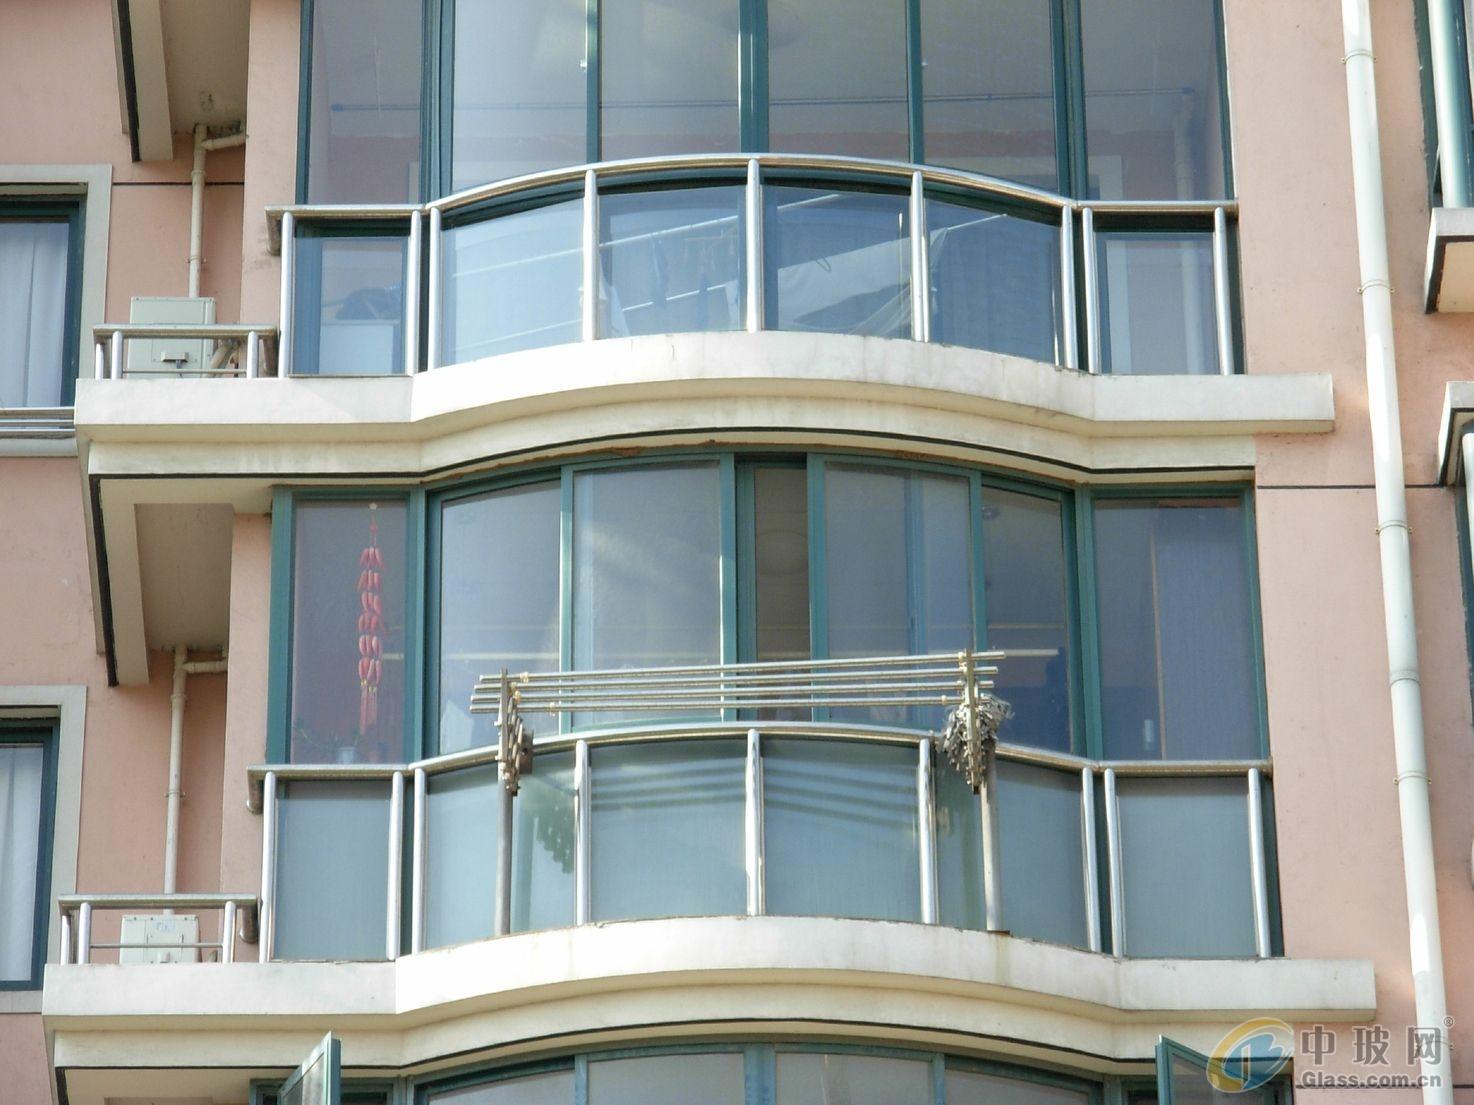 上海无框阳台窗维修 维修各种品牌的无框阳台滑轮断裂